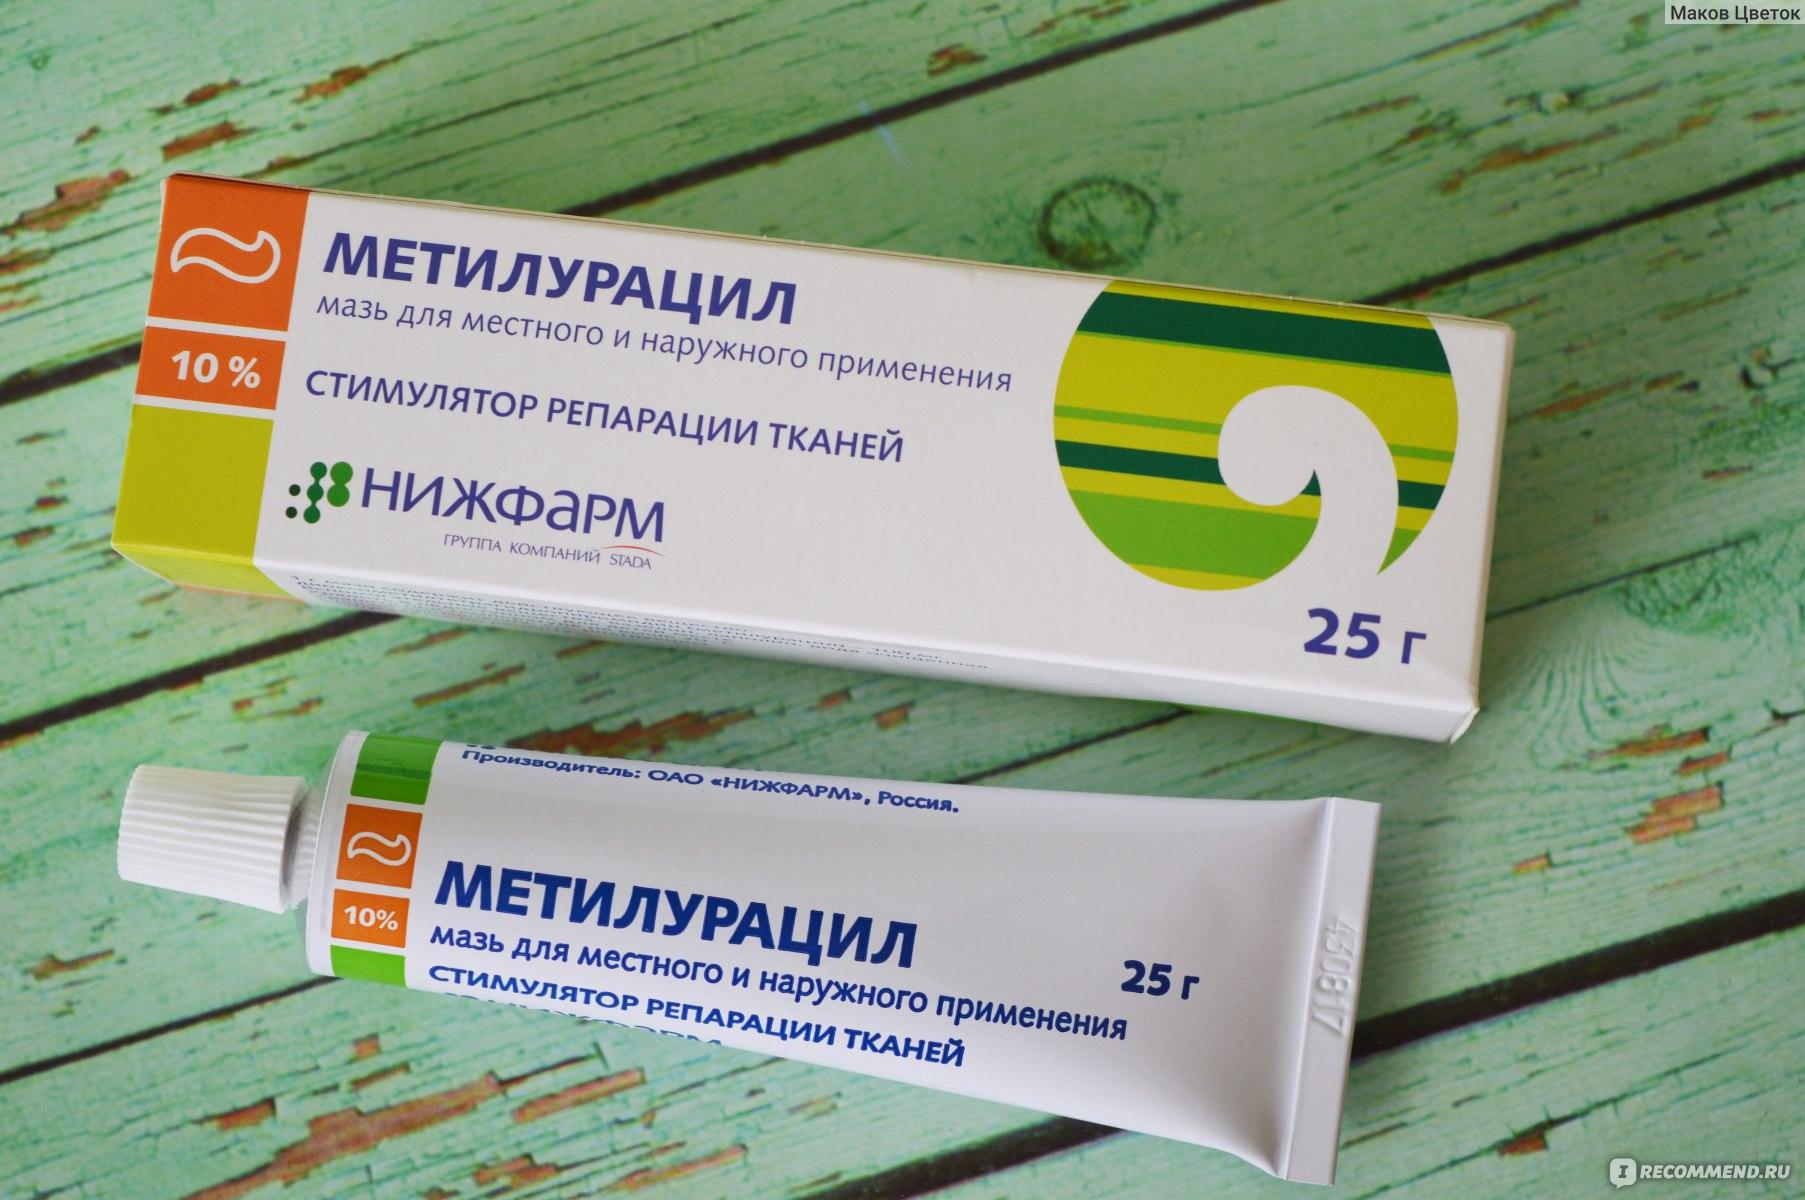 Эффективное лечение рубцов и шрамов при помощи гелей и кремов